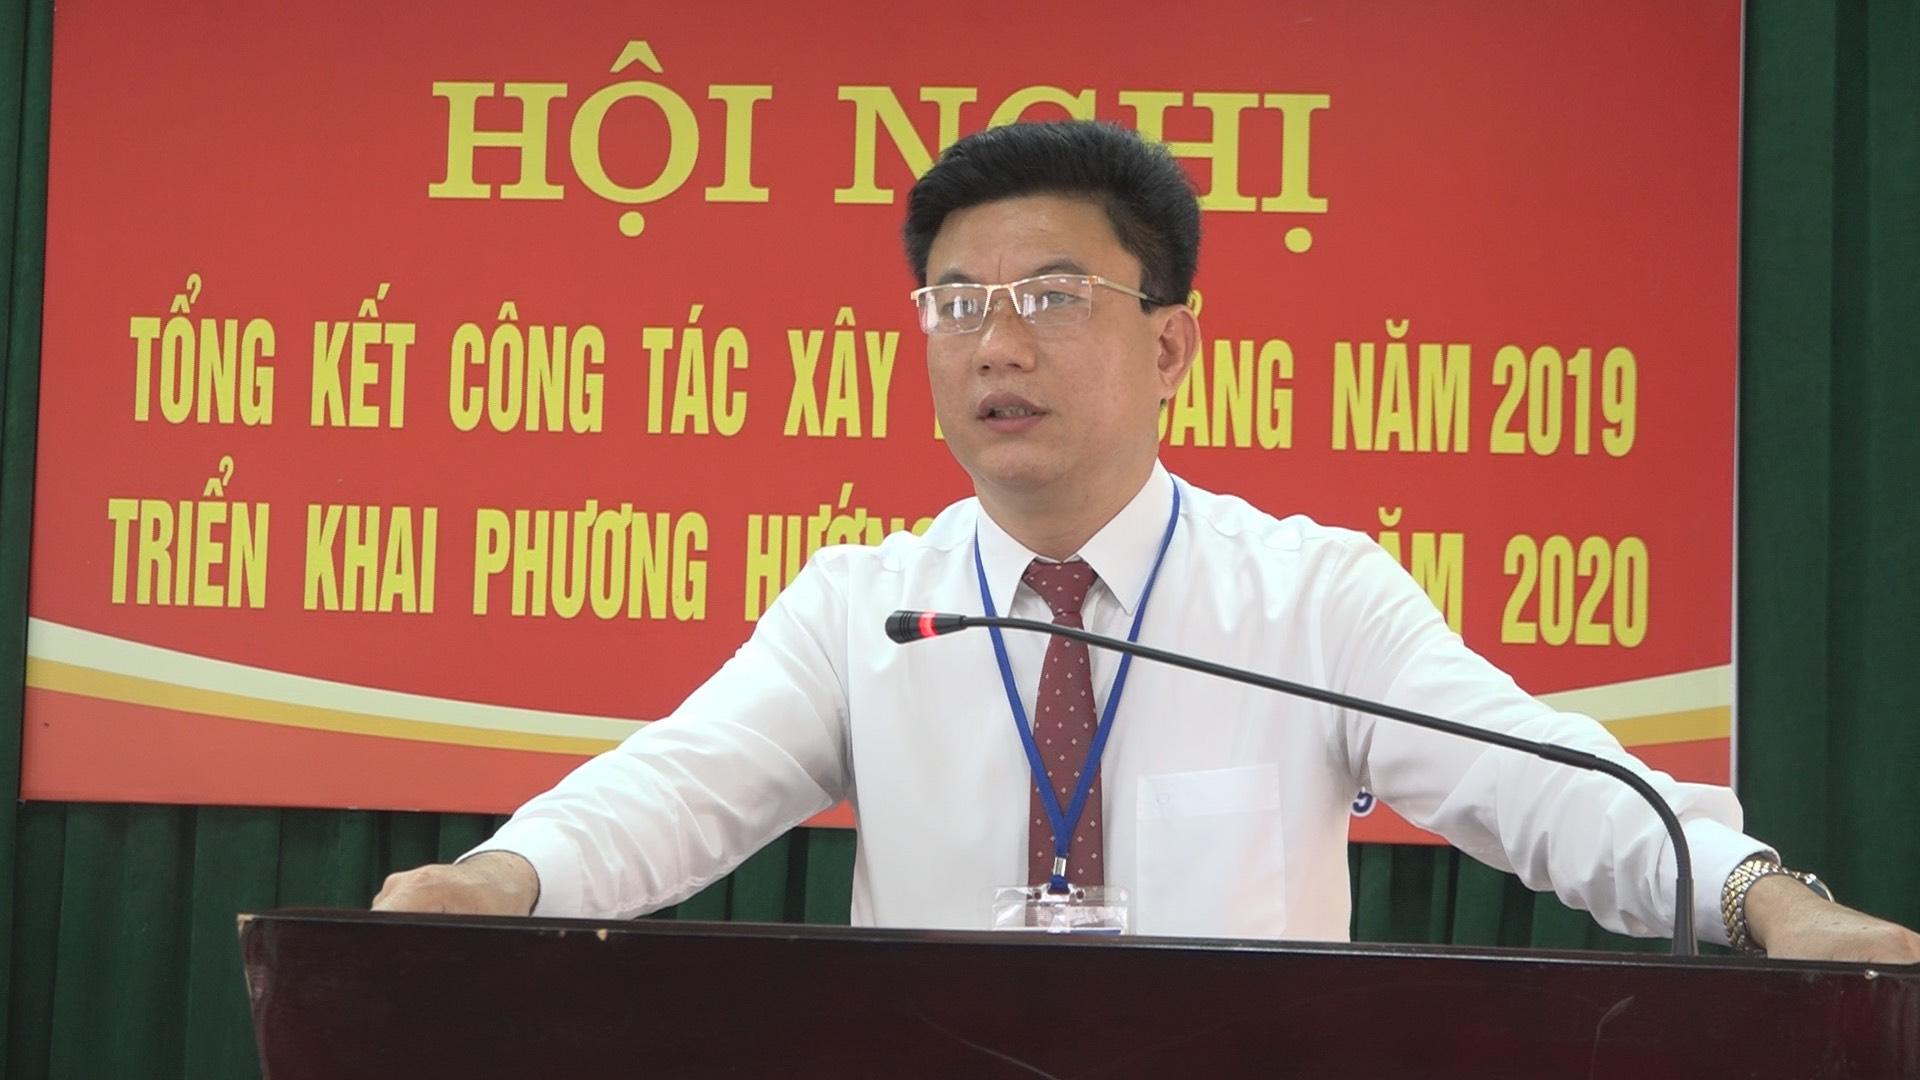 Hội nghị tổng kết công tác xây dựng Đảng năm 2019, triển khai phương hướng, nhiệm vụ năm 2020